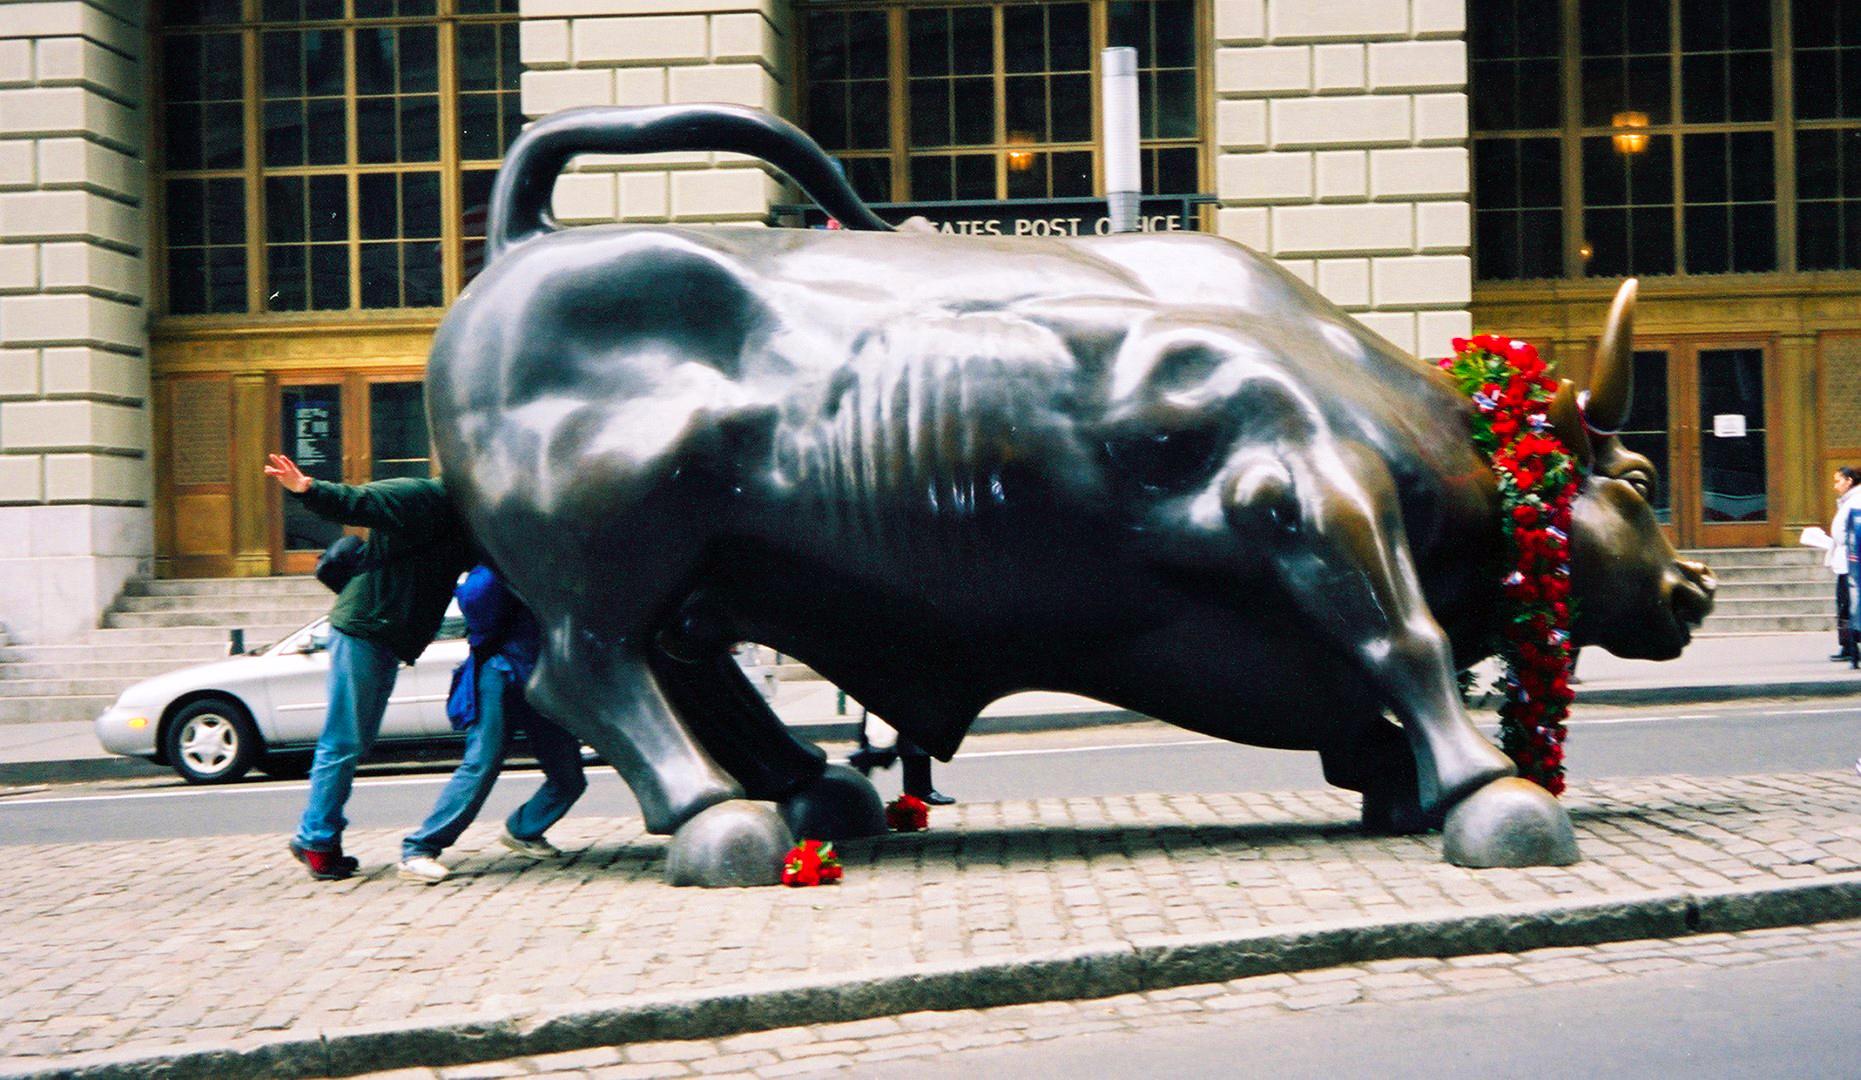 Qué hacer y ver en Nueva York qué hacer y ver en nueva york - 31142708465 feff658b32 o - Qué hacer y ver en Nueva York